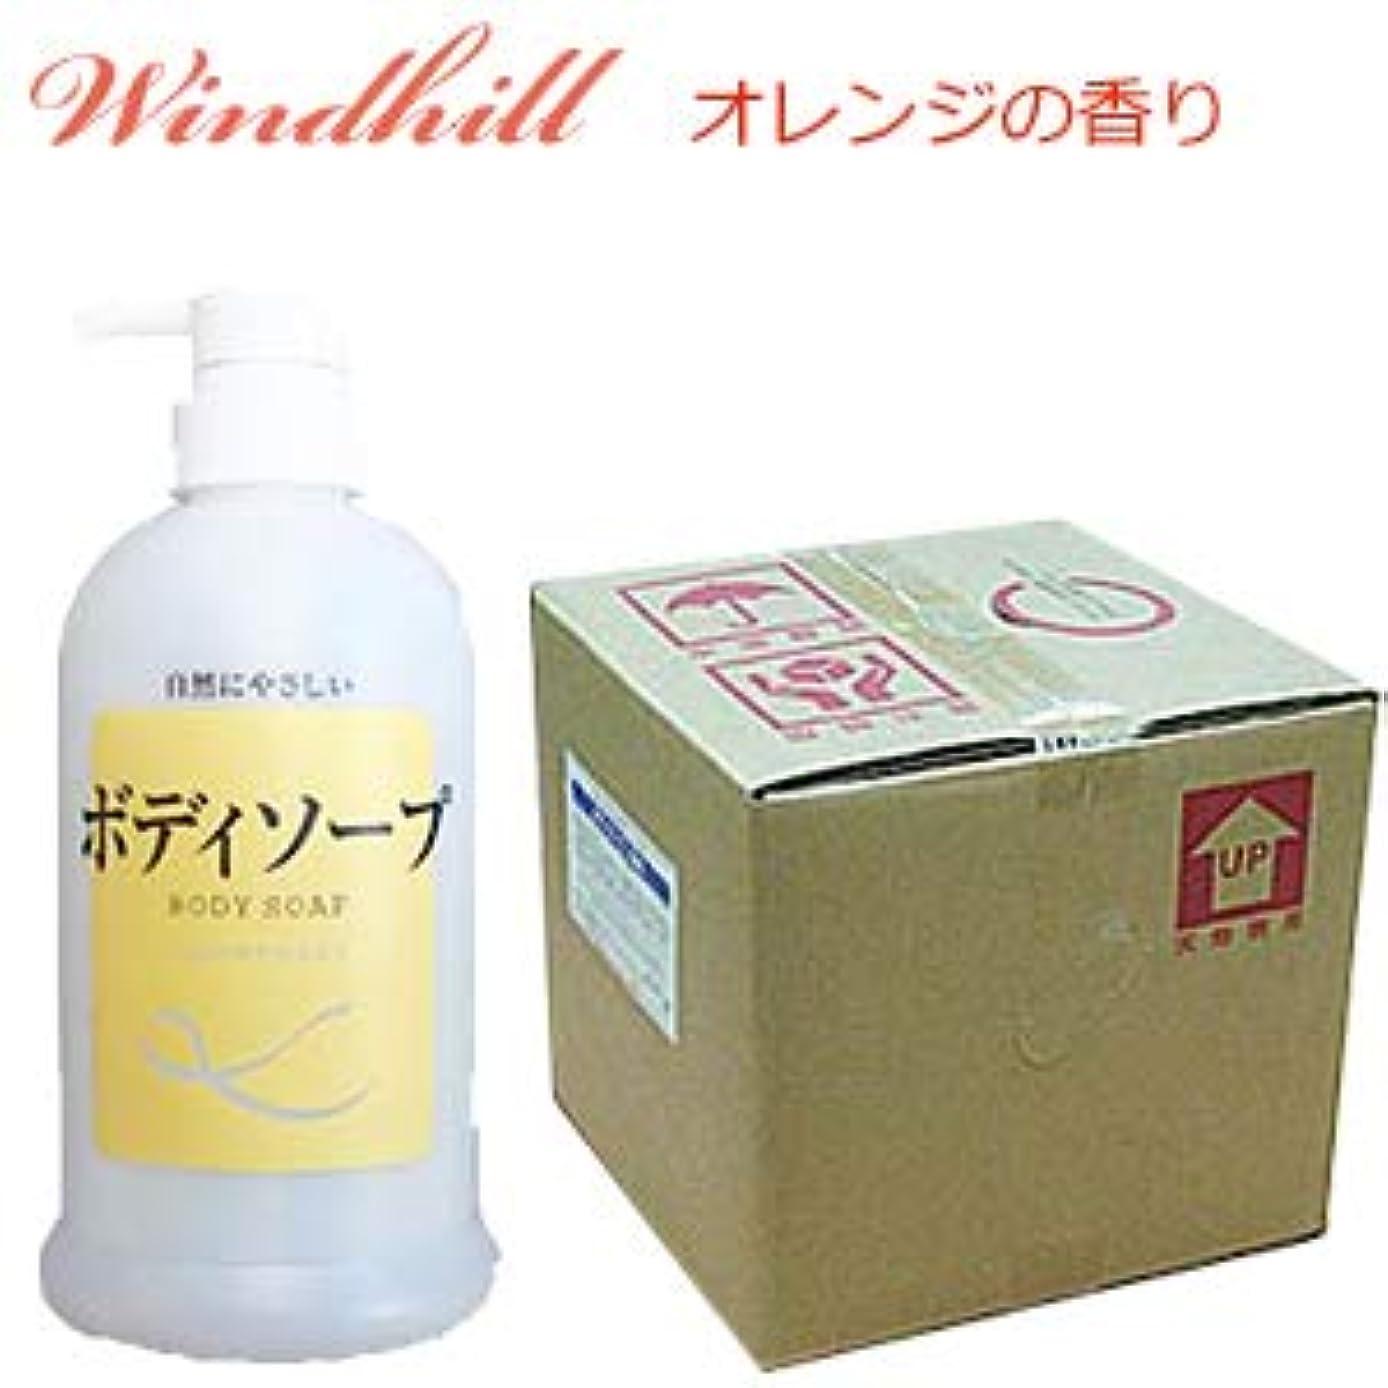 愛情深いサークルおかしいWindhill 植物性 業務用ボディソープオレンジの香り 20L(1セット20L入)